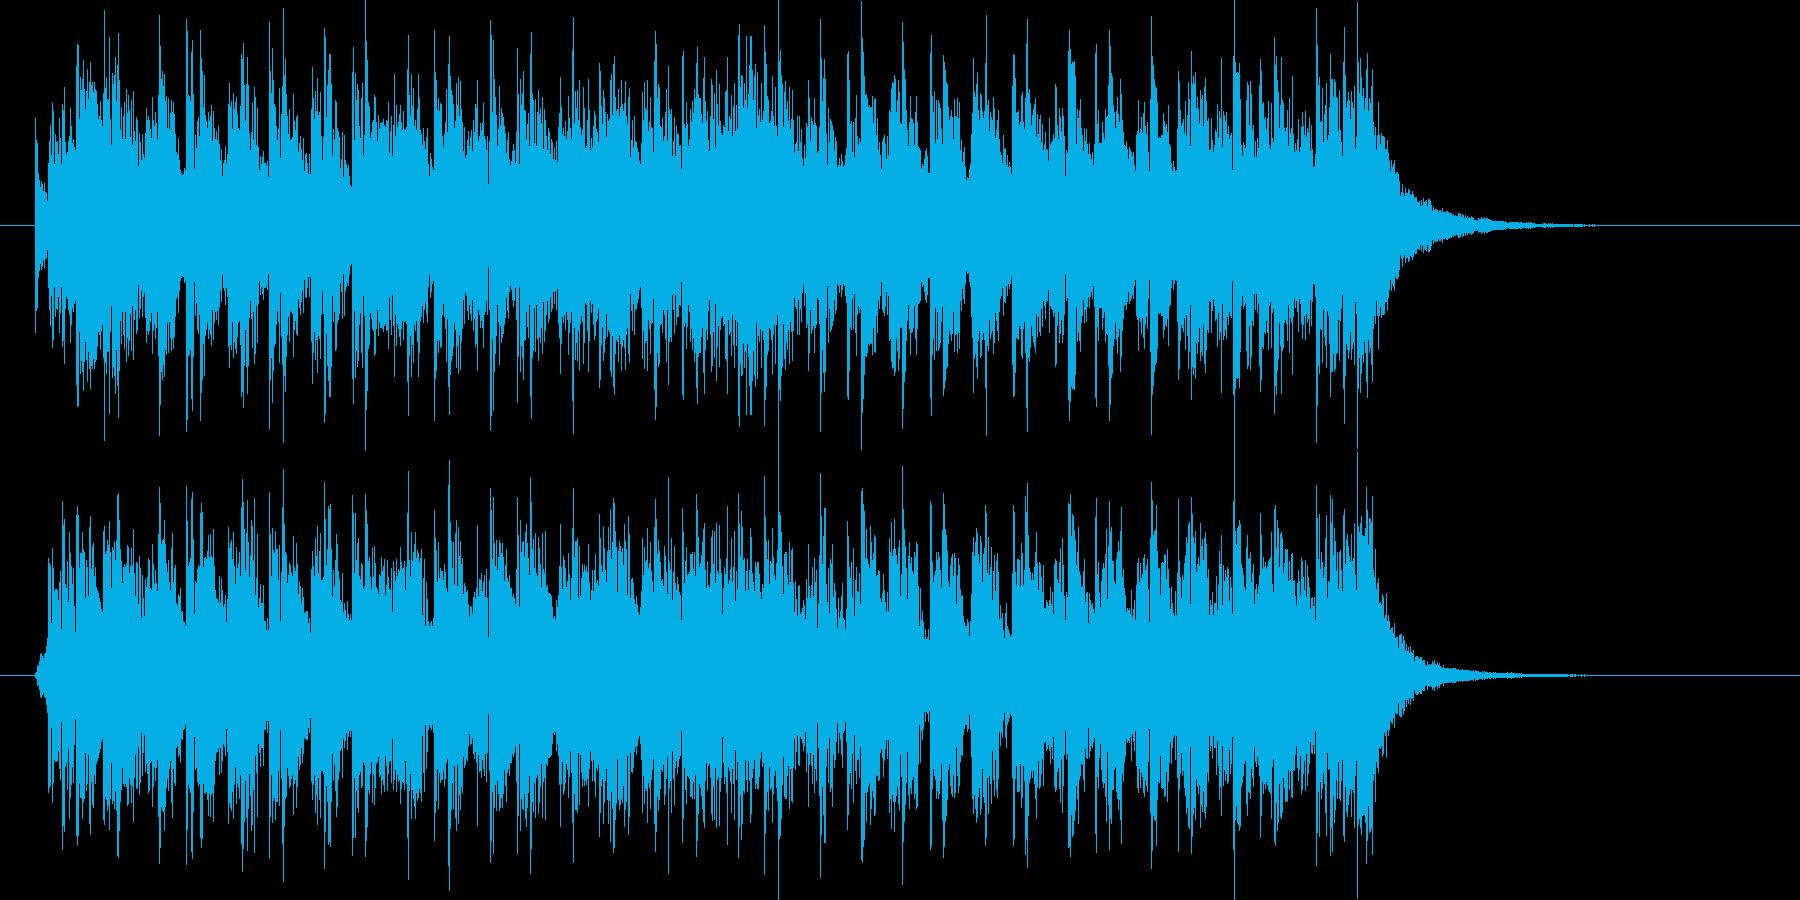 元気で明るいシンセポップジングルの再生済みの波形